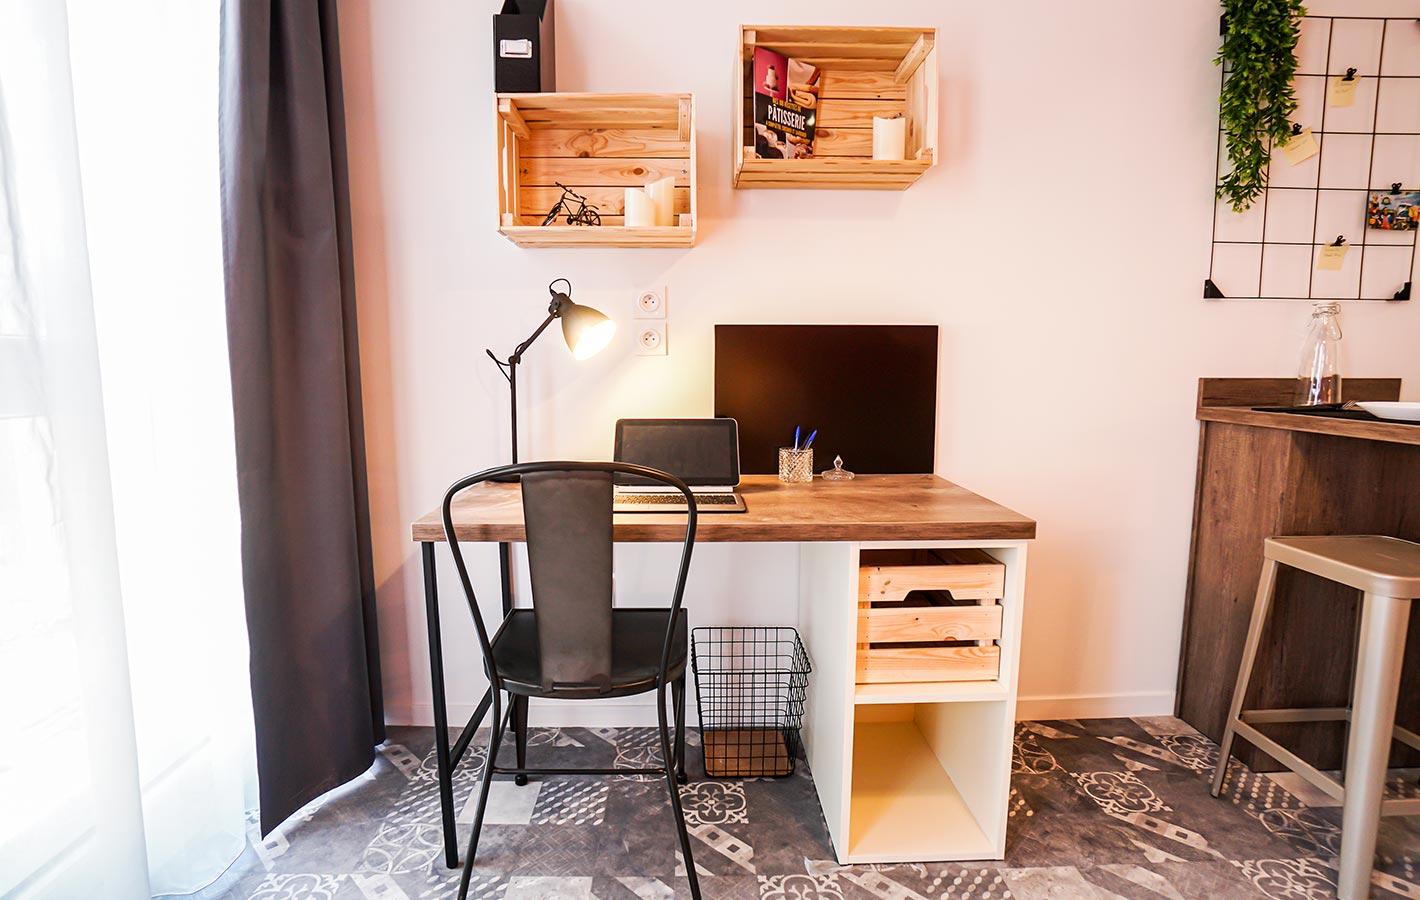 image  2021 06 14 residence etudiante suitetudes biscuiterie caen studio bureau